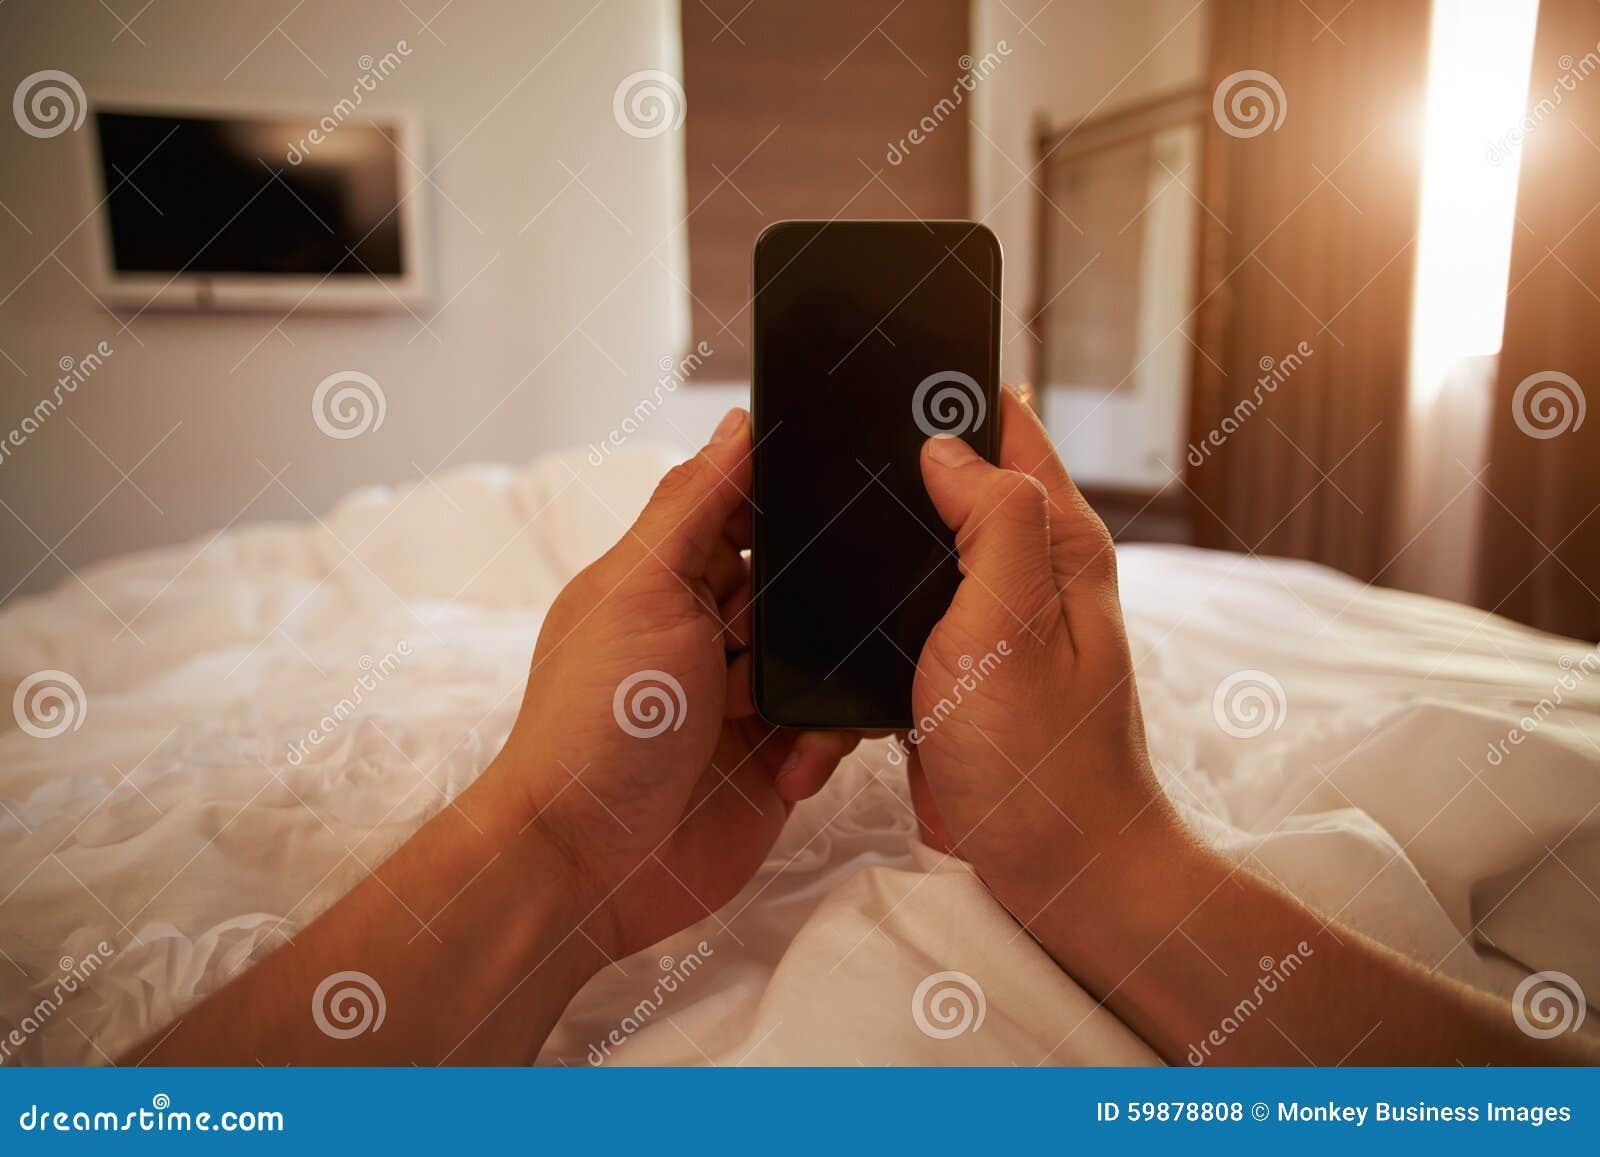 Image de point de vue de téléphone portable de Person In Bed Looking At